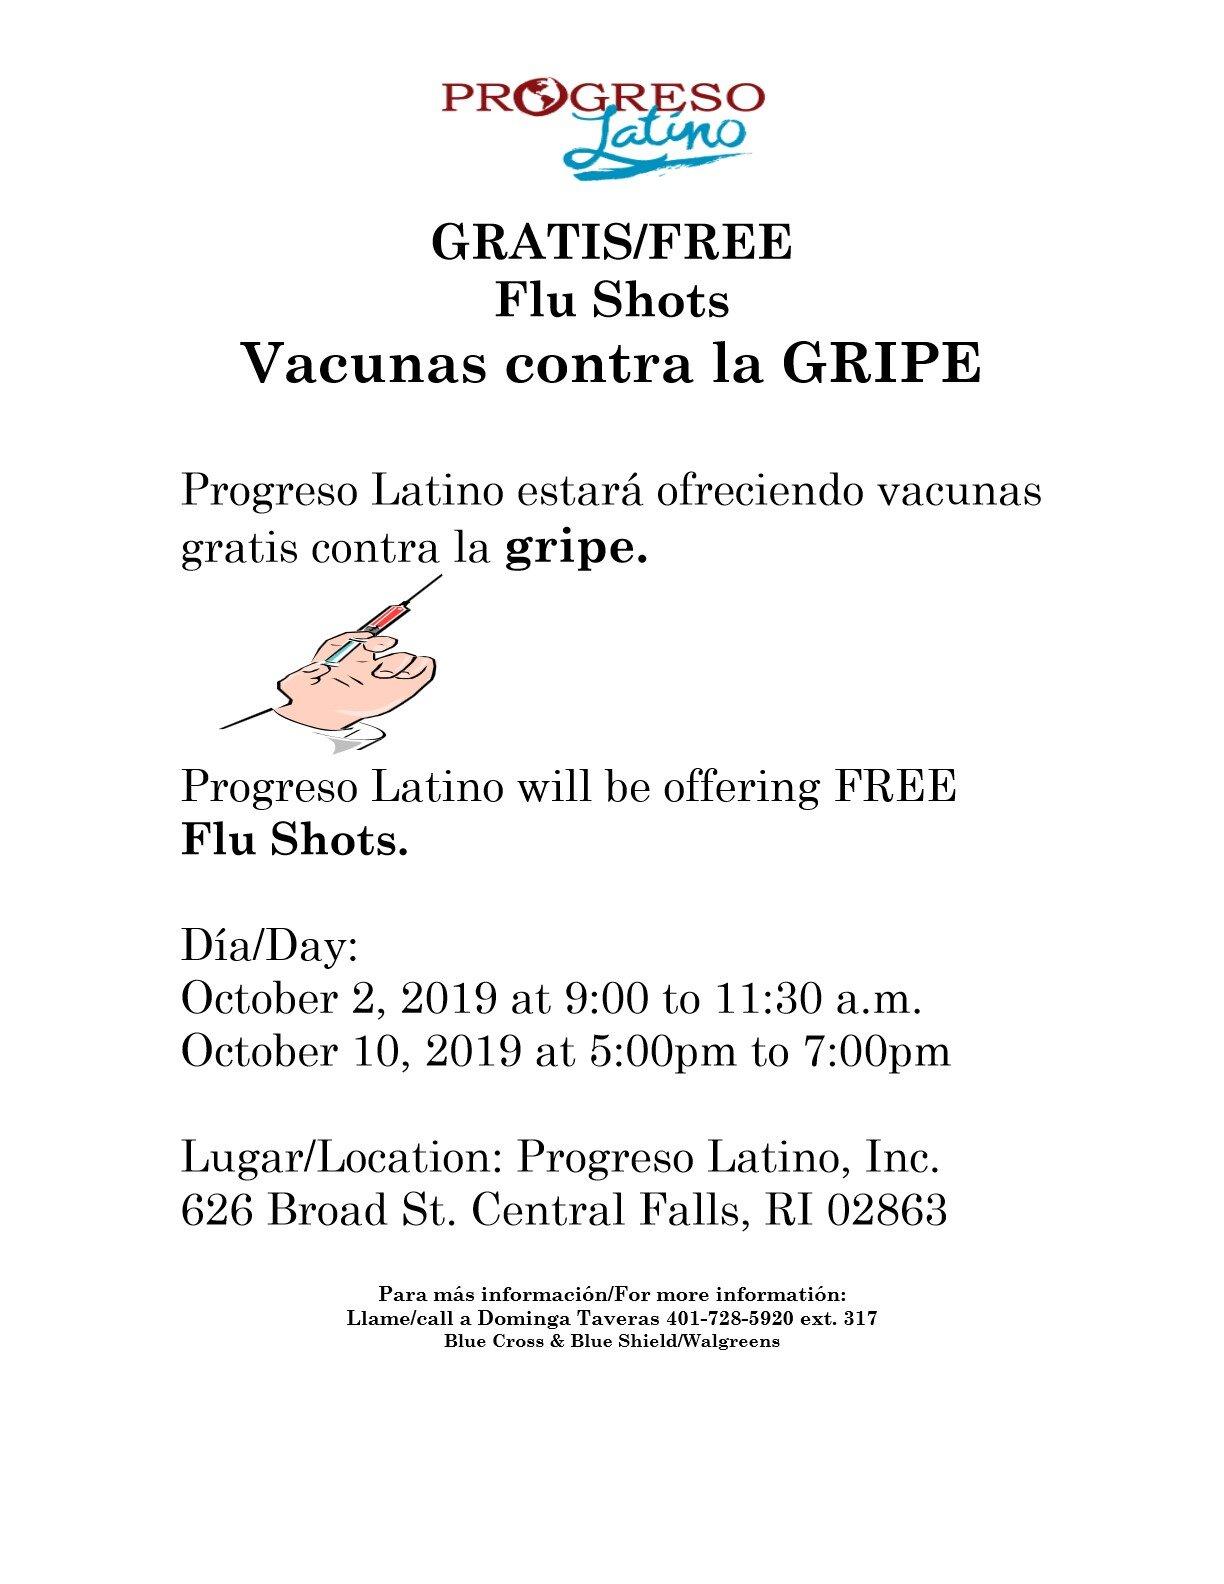 Latino dating gratis